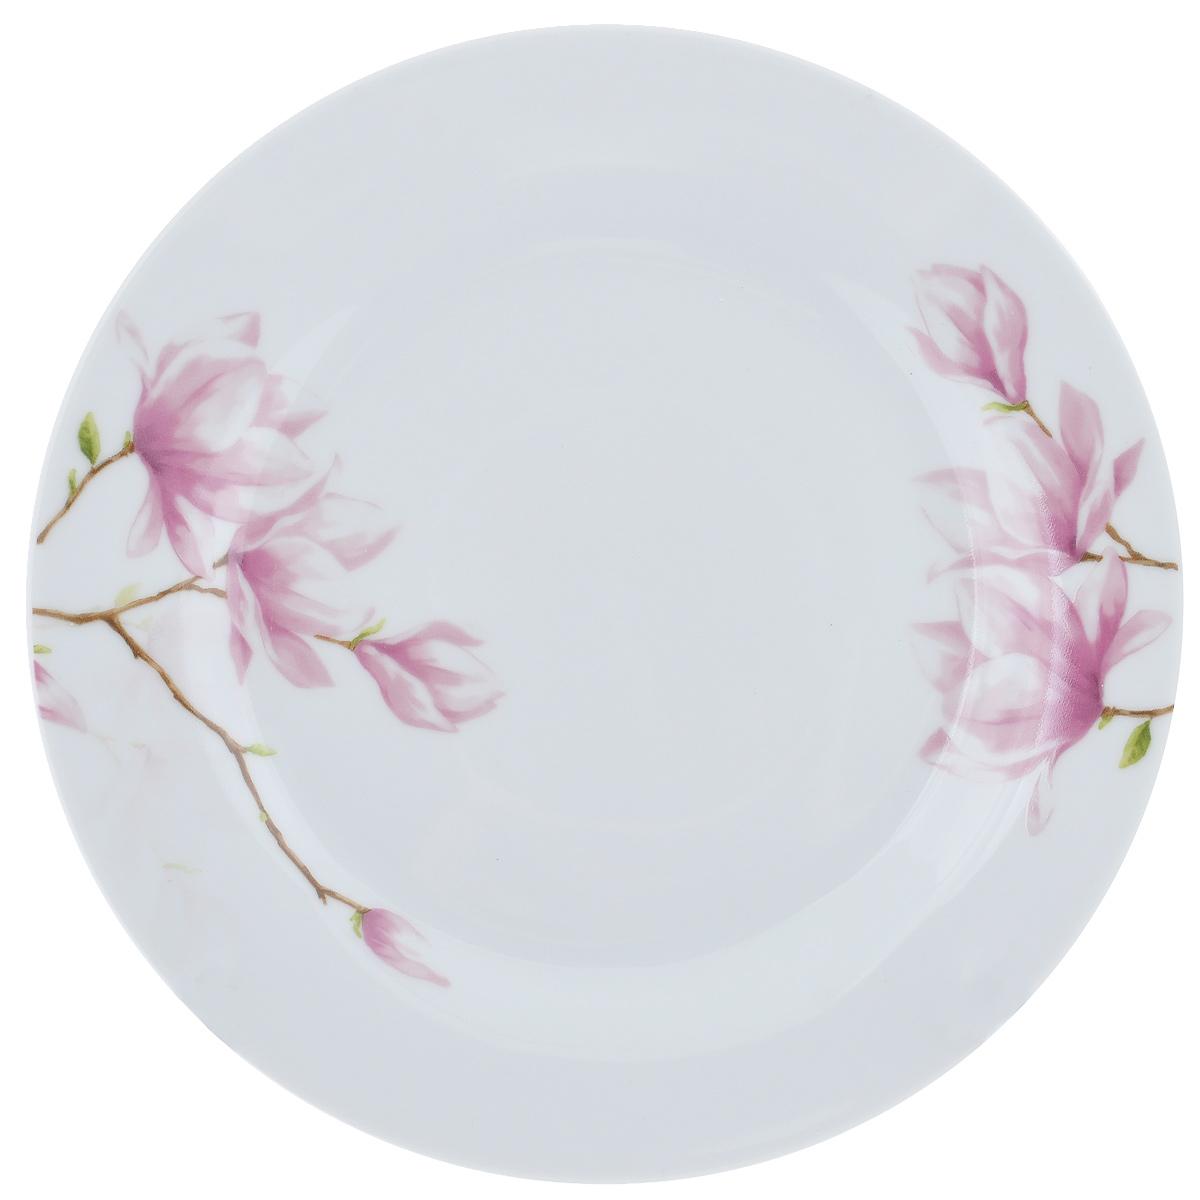 Тарелка для горячего Ваниль, диаметр 23 смDNDSS-B009-1Тарелка Ваниль изготовлена из высококачественного фаянса, покрытого слоем сверкающей глазури. Предназначена для подачи вторых блюд. Изделие декорировано изящным изображением розовых цветов. Такая тарелка украсит сервировку стола и подчеркнет прекрасный вкус хозяйки. Можно мыть в посудомоечной машине и использовать в СВЧ. Диаметр тарелки: 23 см.